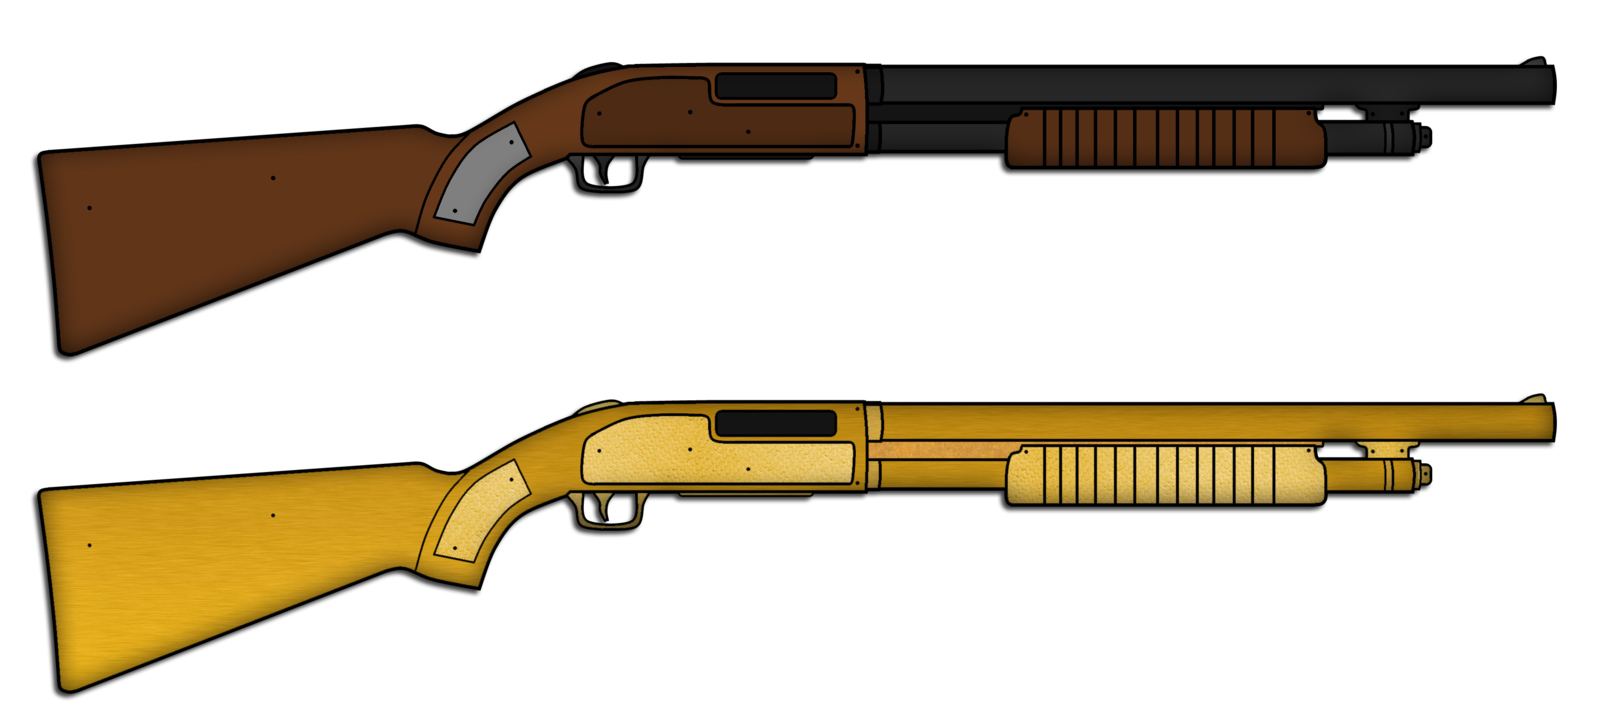 1600x727 Ui Sw500 Shotgun By Skorpion66